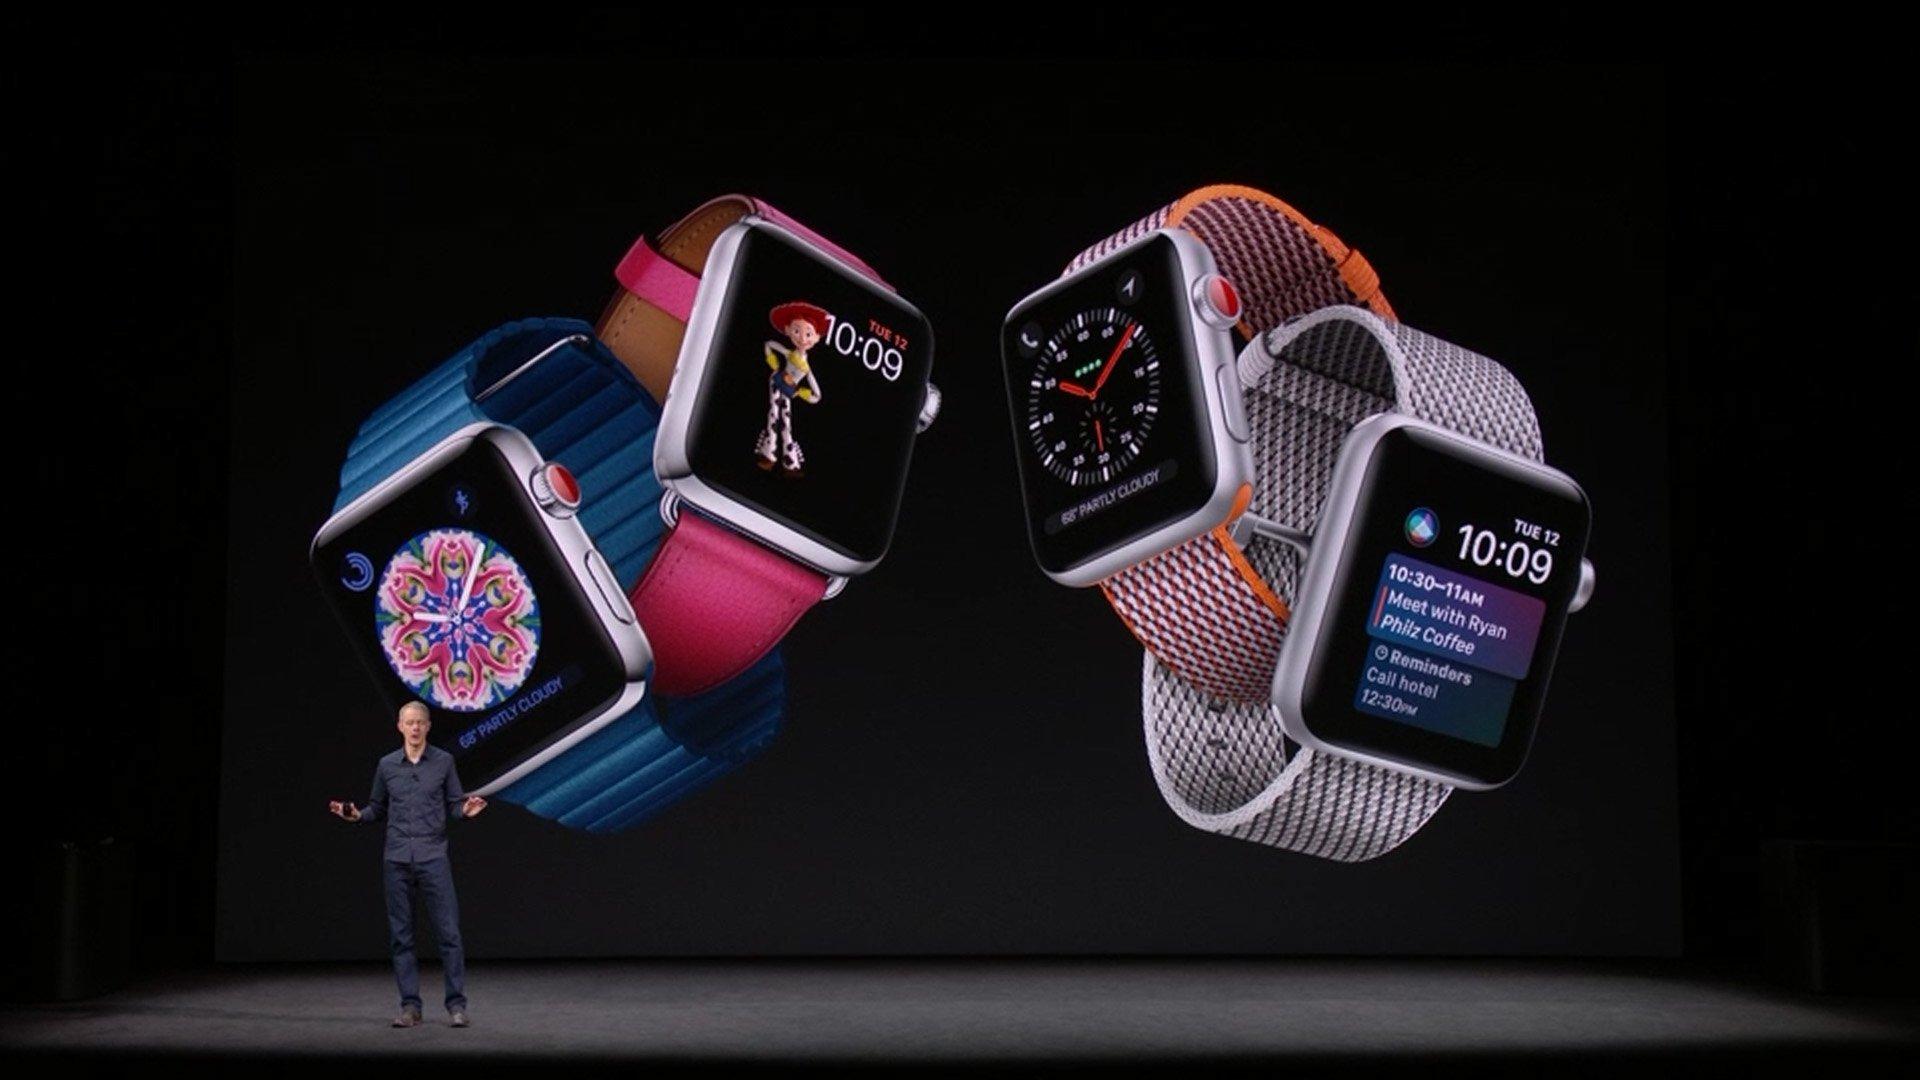 Puedo usar un Apple Watch con un smartphone Android? | NextPit